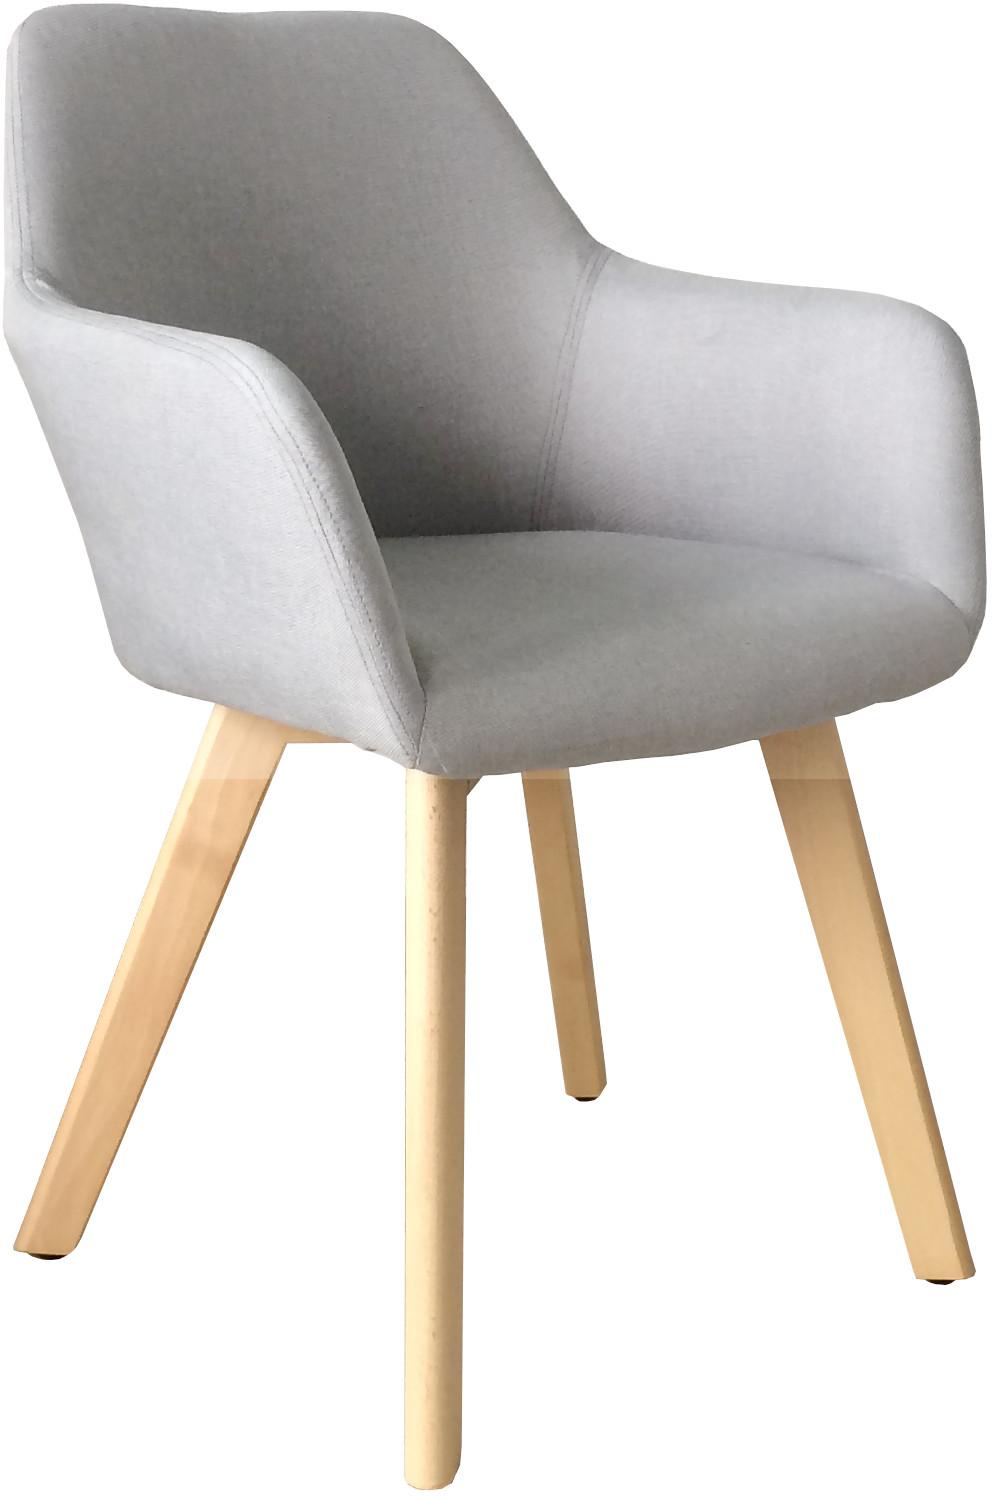 ExitoDesign Nowoczesne krzesło tapicerowane z podłokietnikami Monaco light grey QS-D4062-3-3